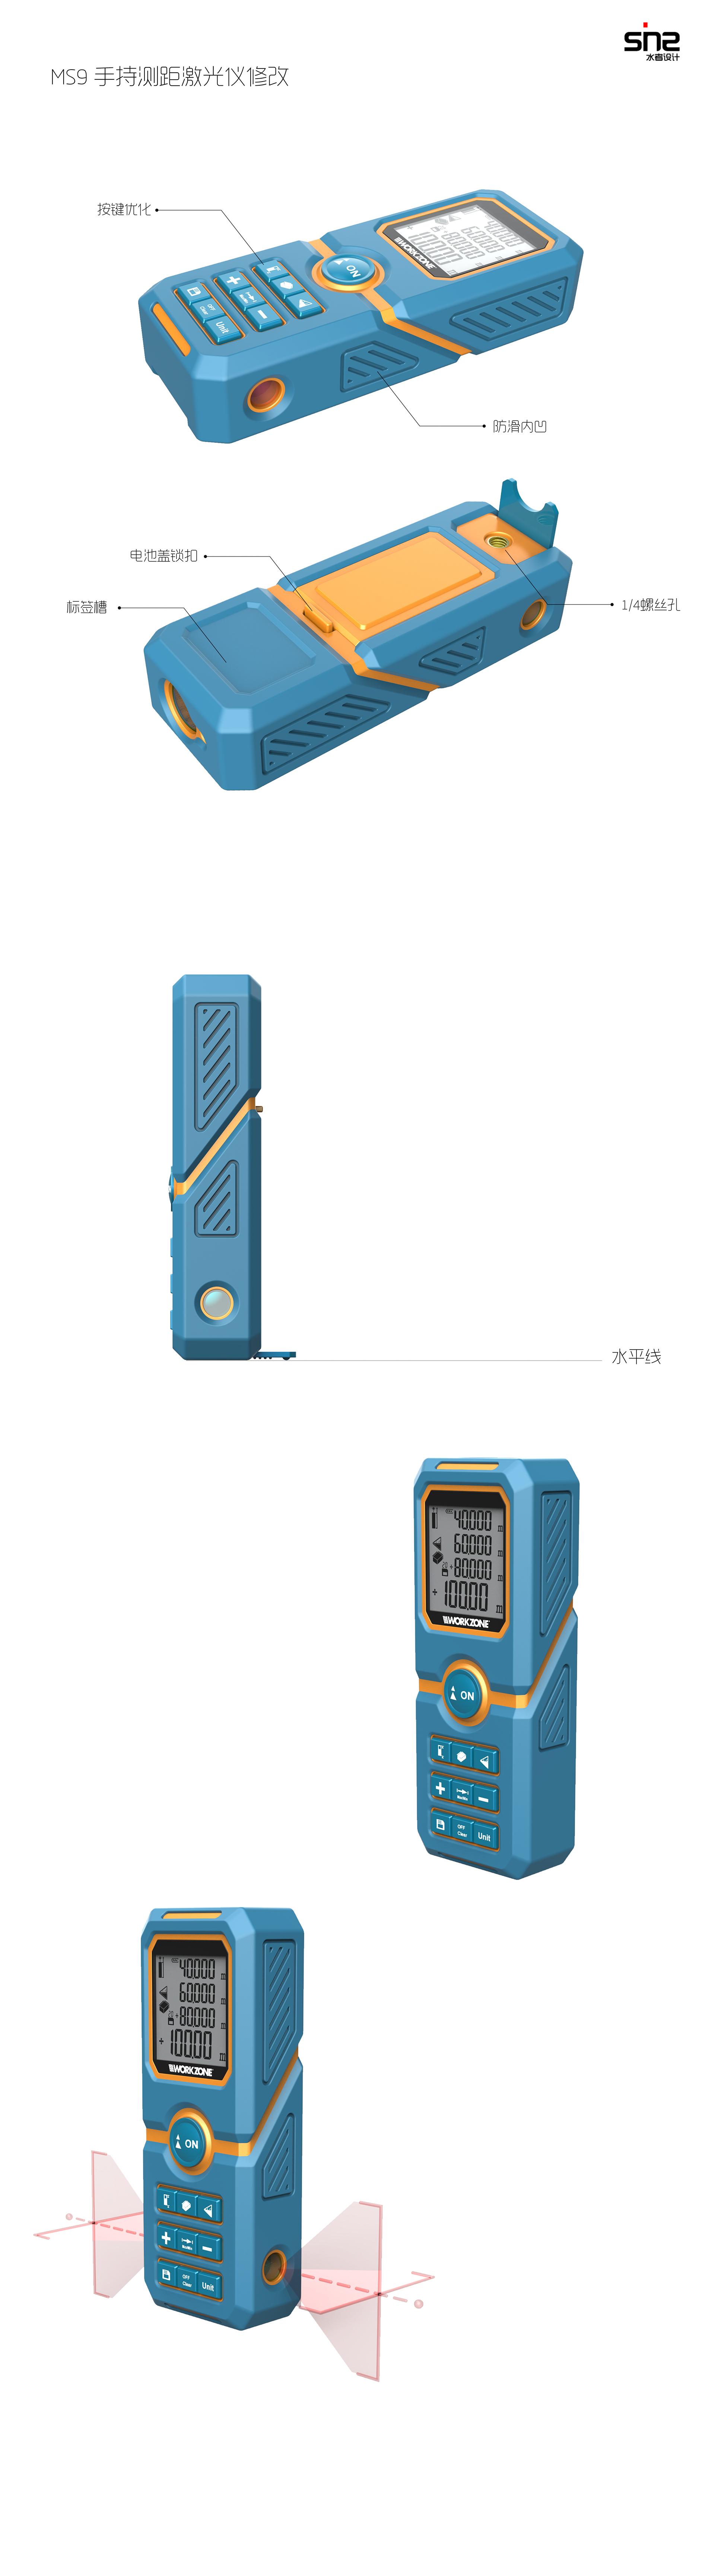 手?#36136;?#28608;光测距仪工业设计1.jpg